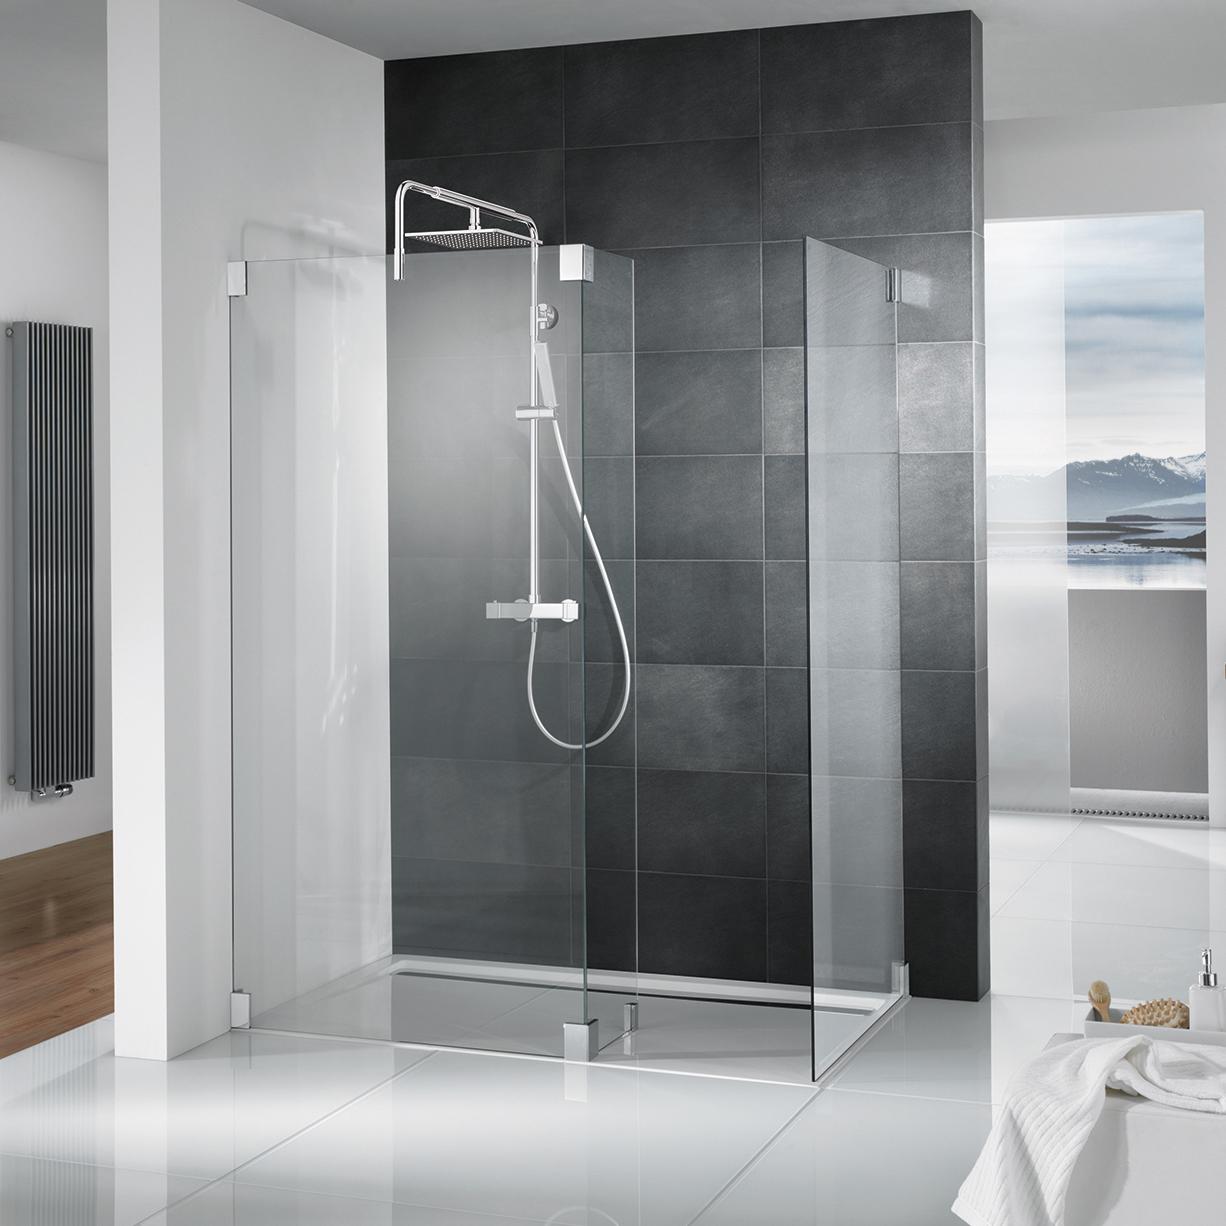 Full Size of Begehbare Duschen Glasduschen Und Bodengleiche Moderne Hüppe Breuer Hsk Dusche Ohne Tür Fliesen Schulte Werksverkauf Kaufen Sprinz Dusche Begehbare Duschen